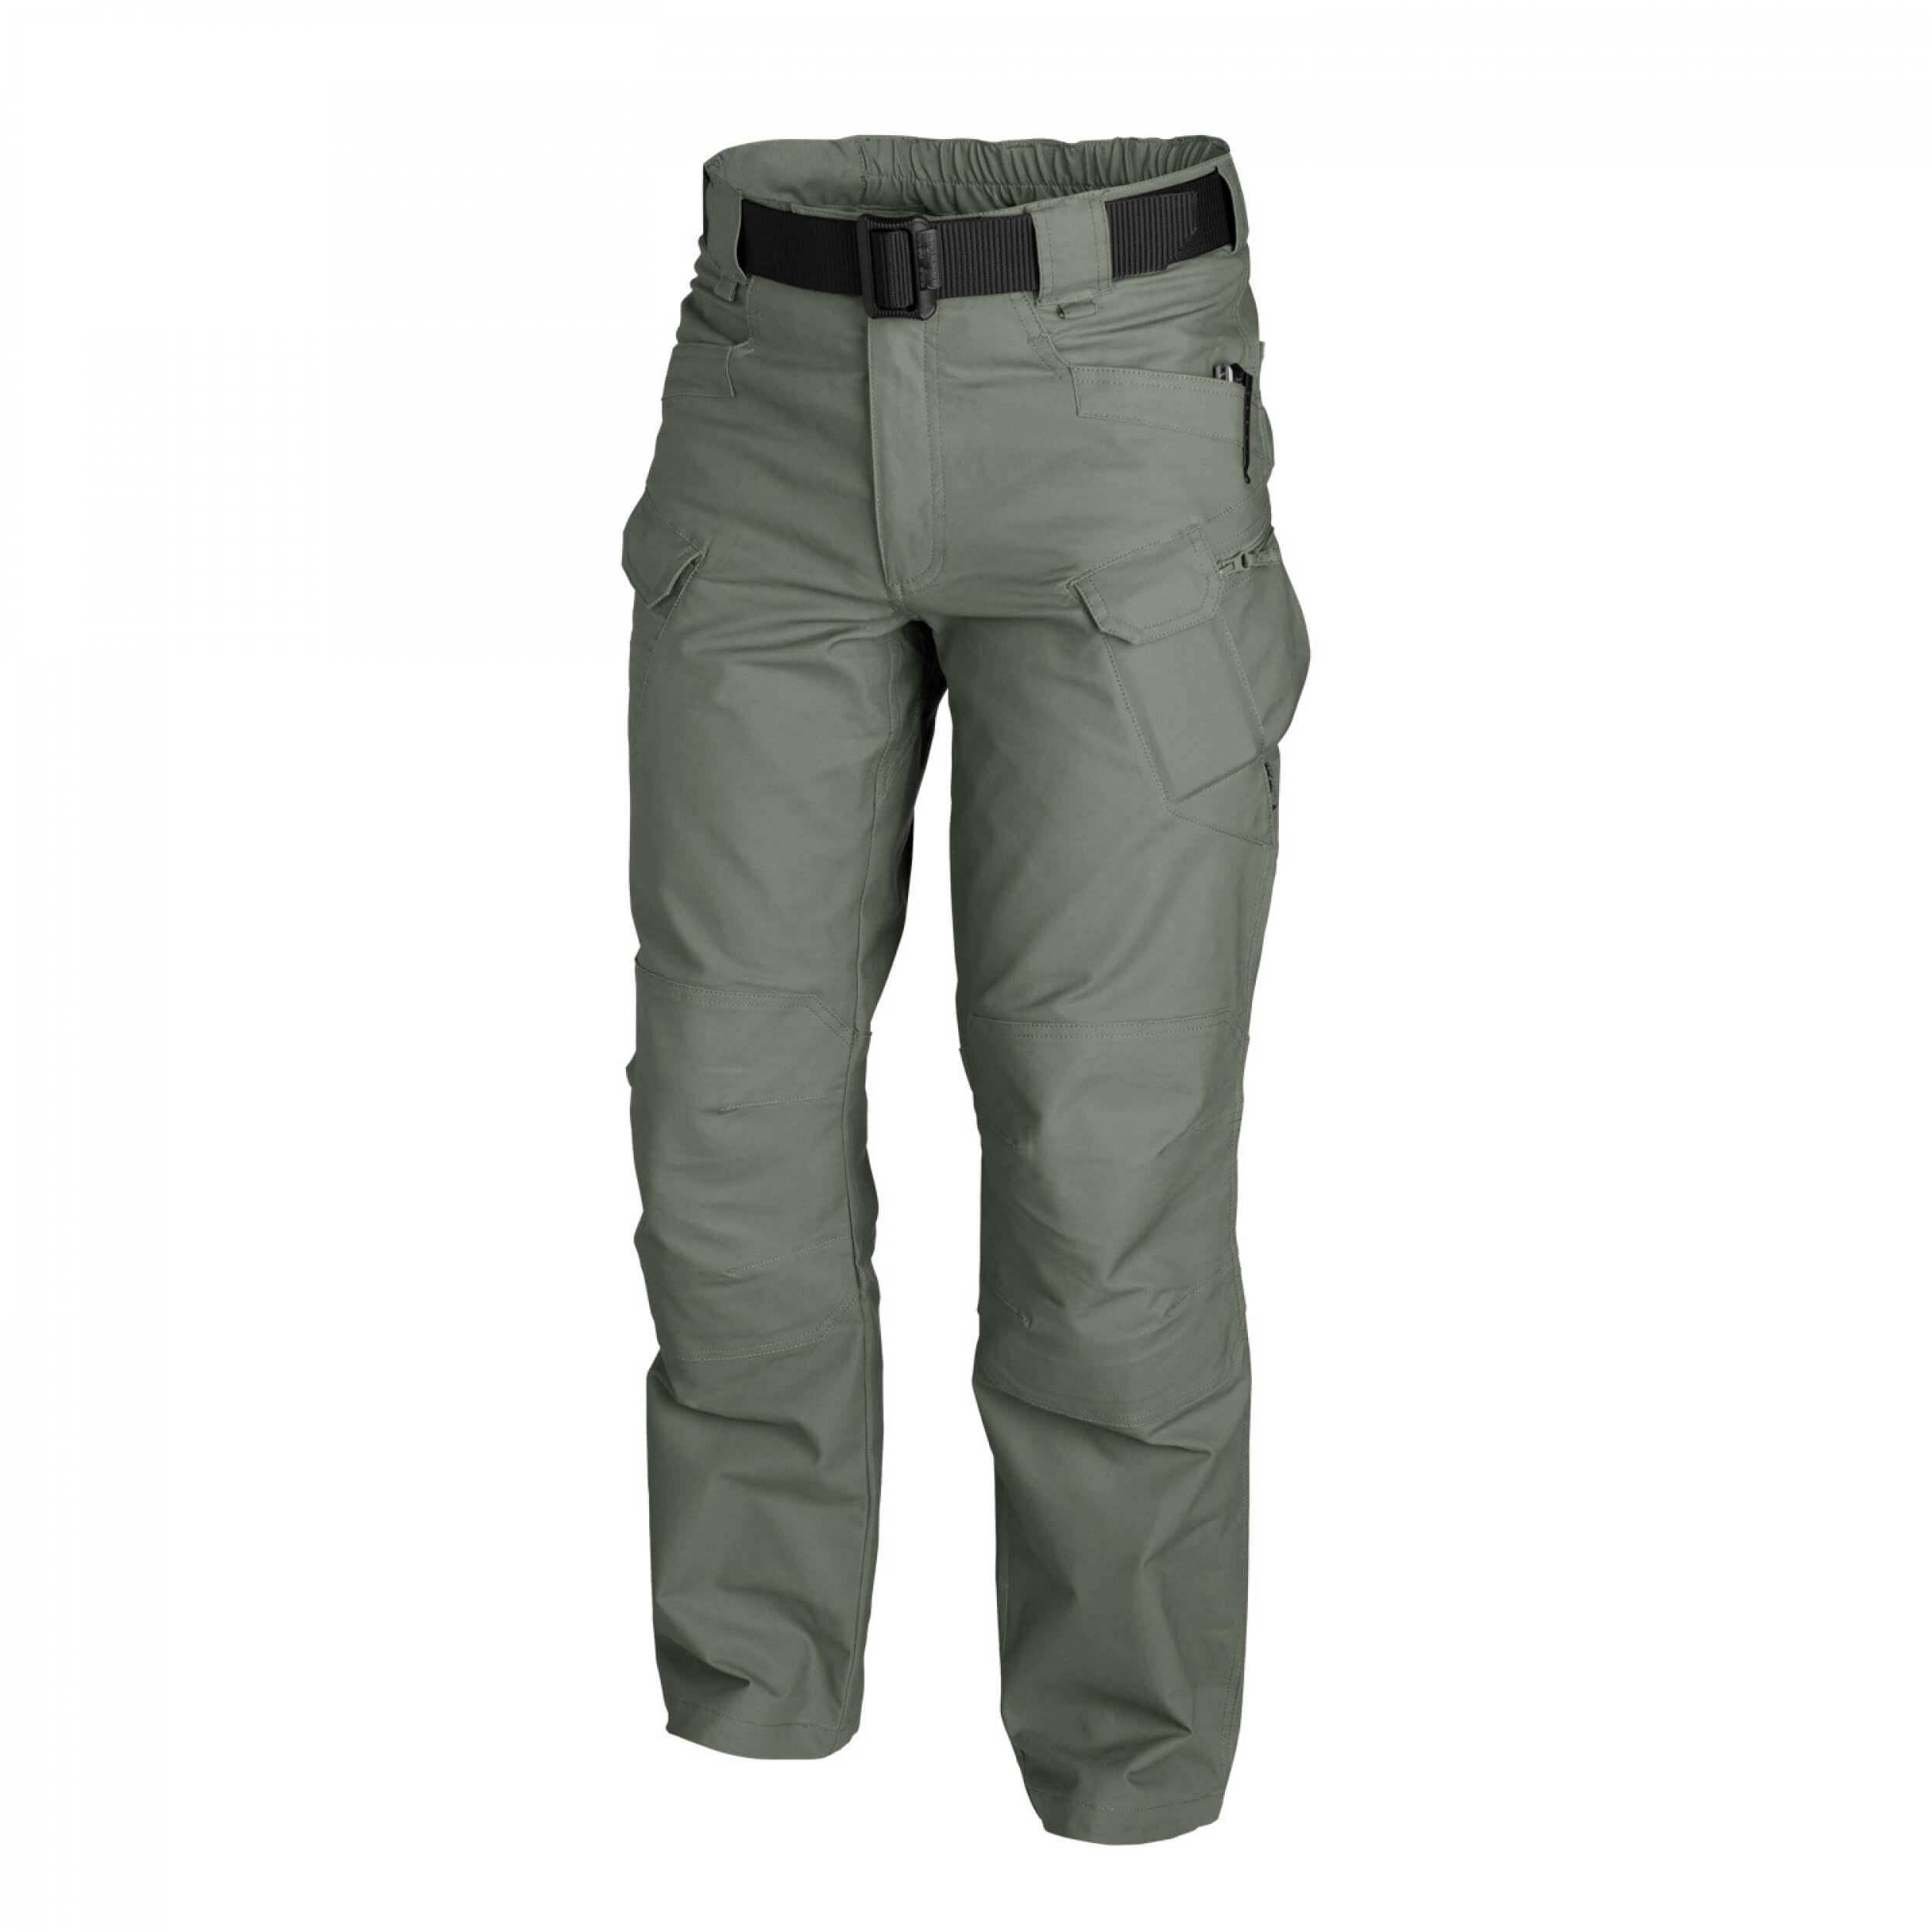 Helikon-Tex Urban Tactical Pants Ripstop Olive Drab